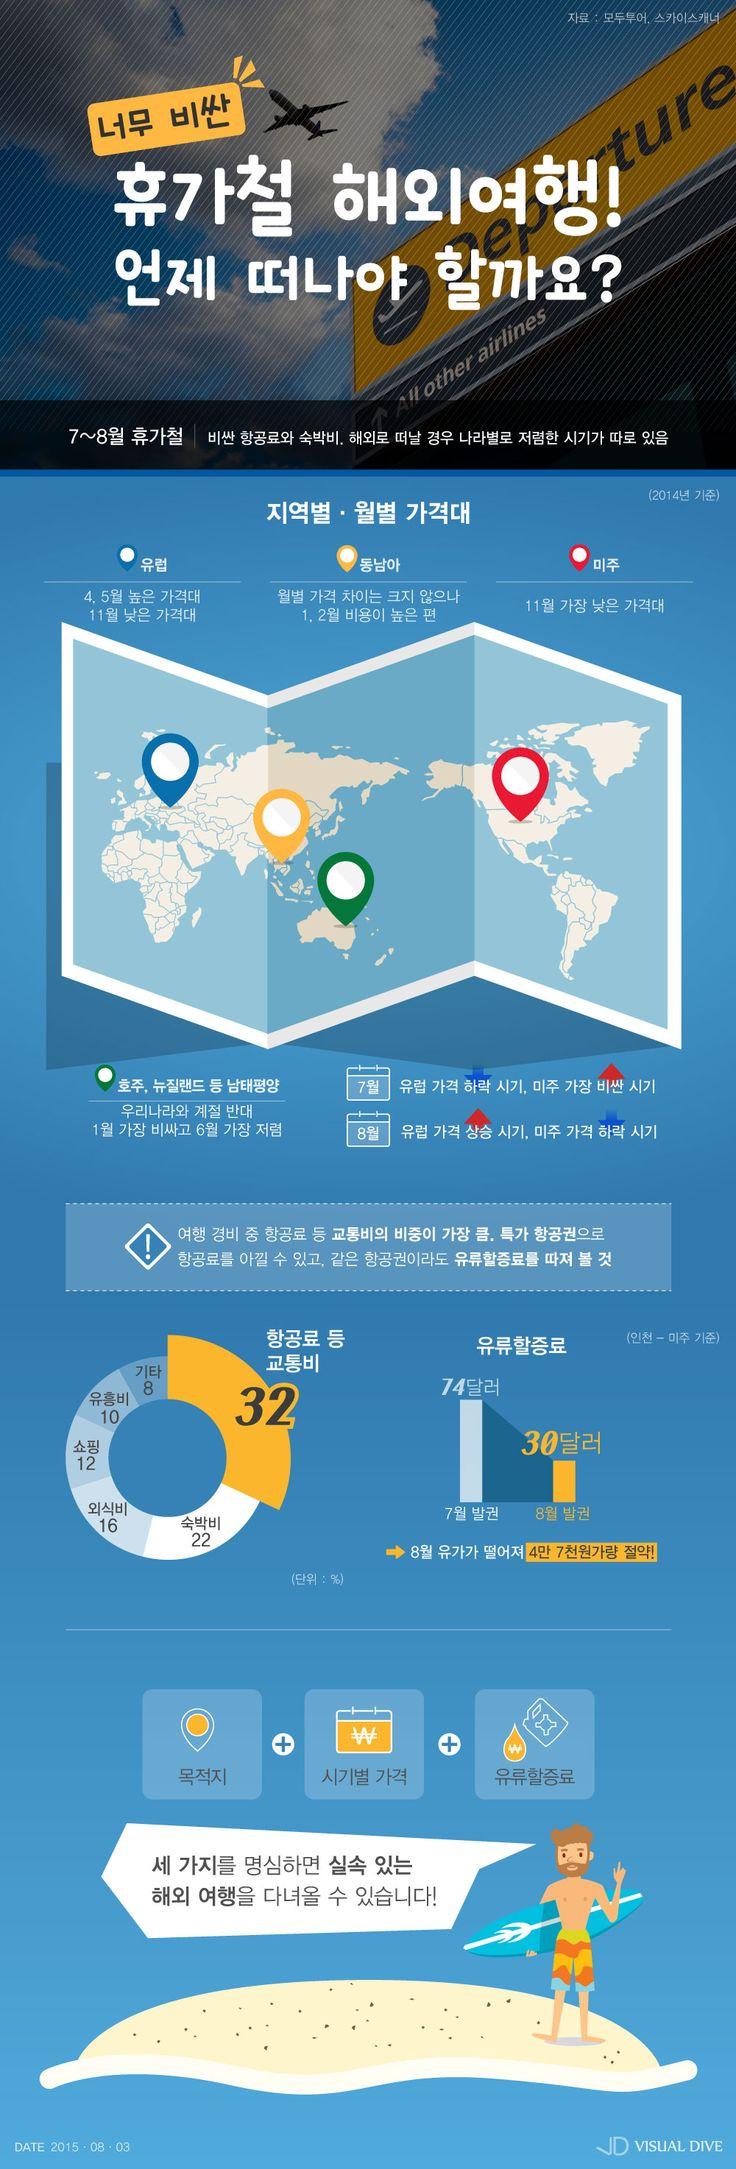 저렴한 해외여행 꿀팁…항공권 구매 '골든타임'을 노려라 [인포그래픽] #Travel / #Infographic ⓒ 비주얼다이브 무단 복사·전재·재배포 금지